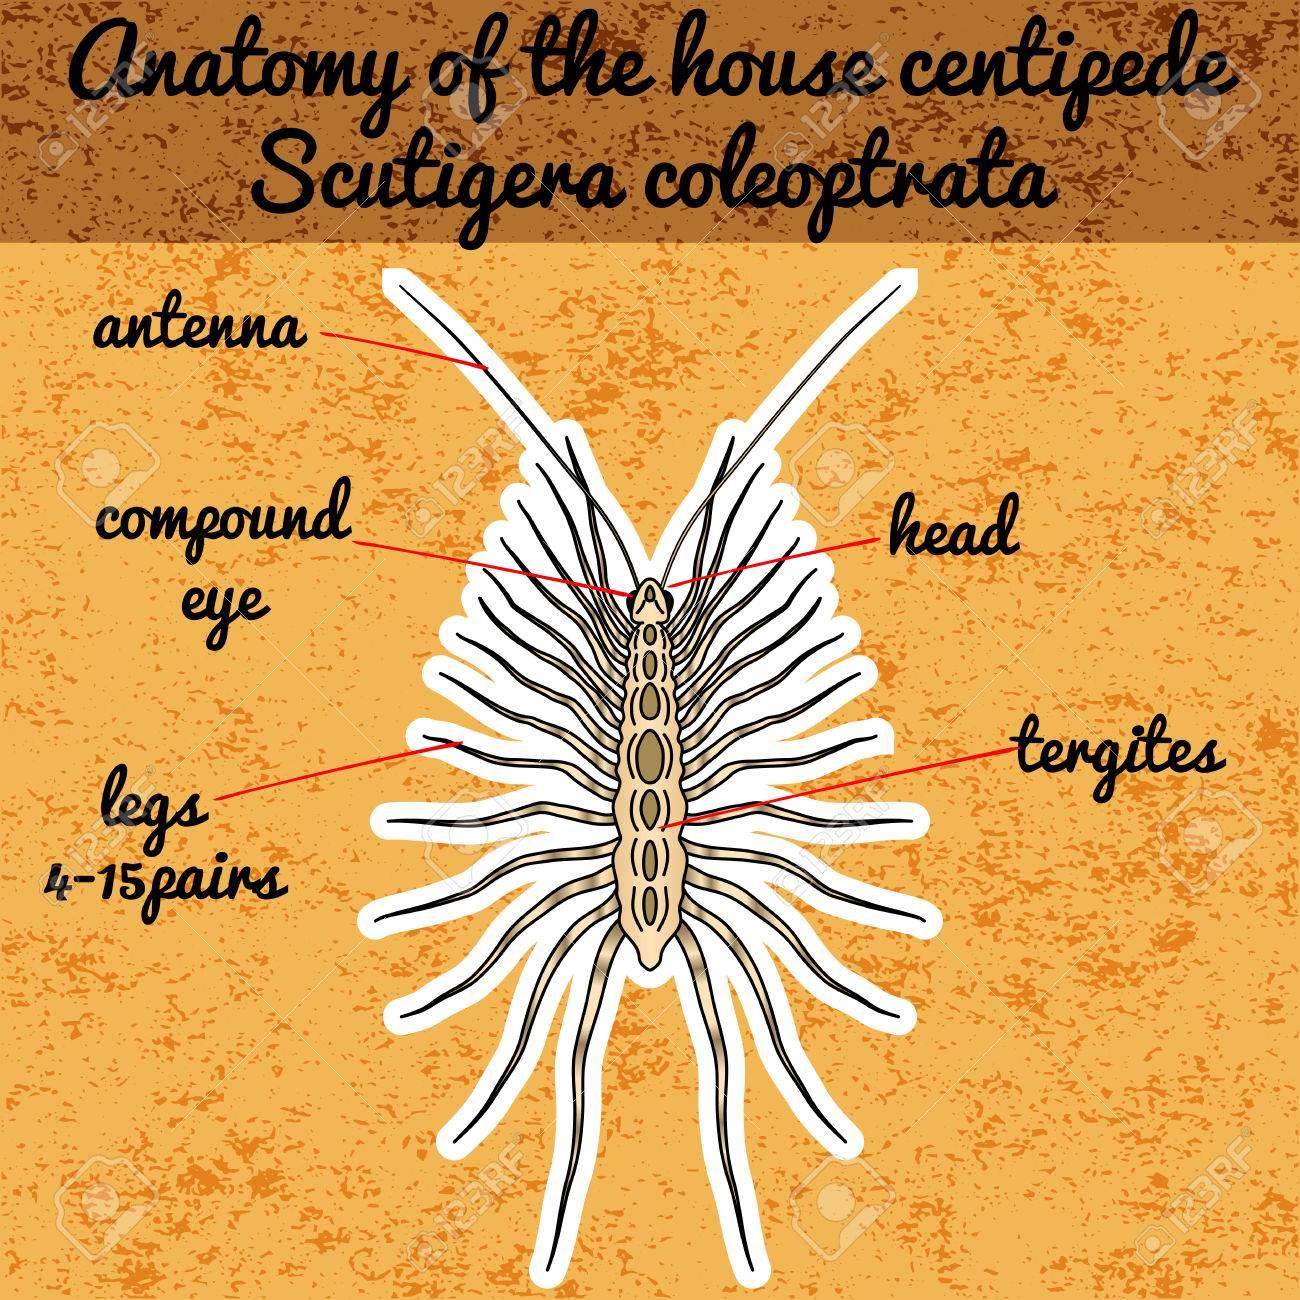 Insect Anatomy Sticker Scutigera Coleoptrata Millipede House